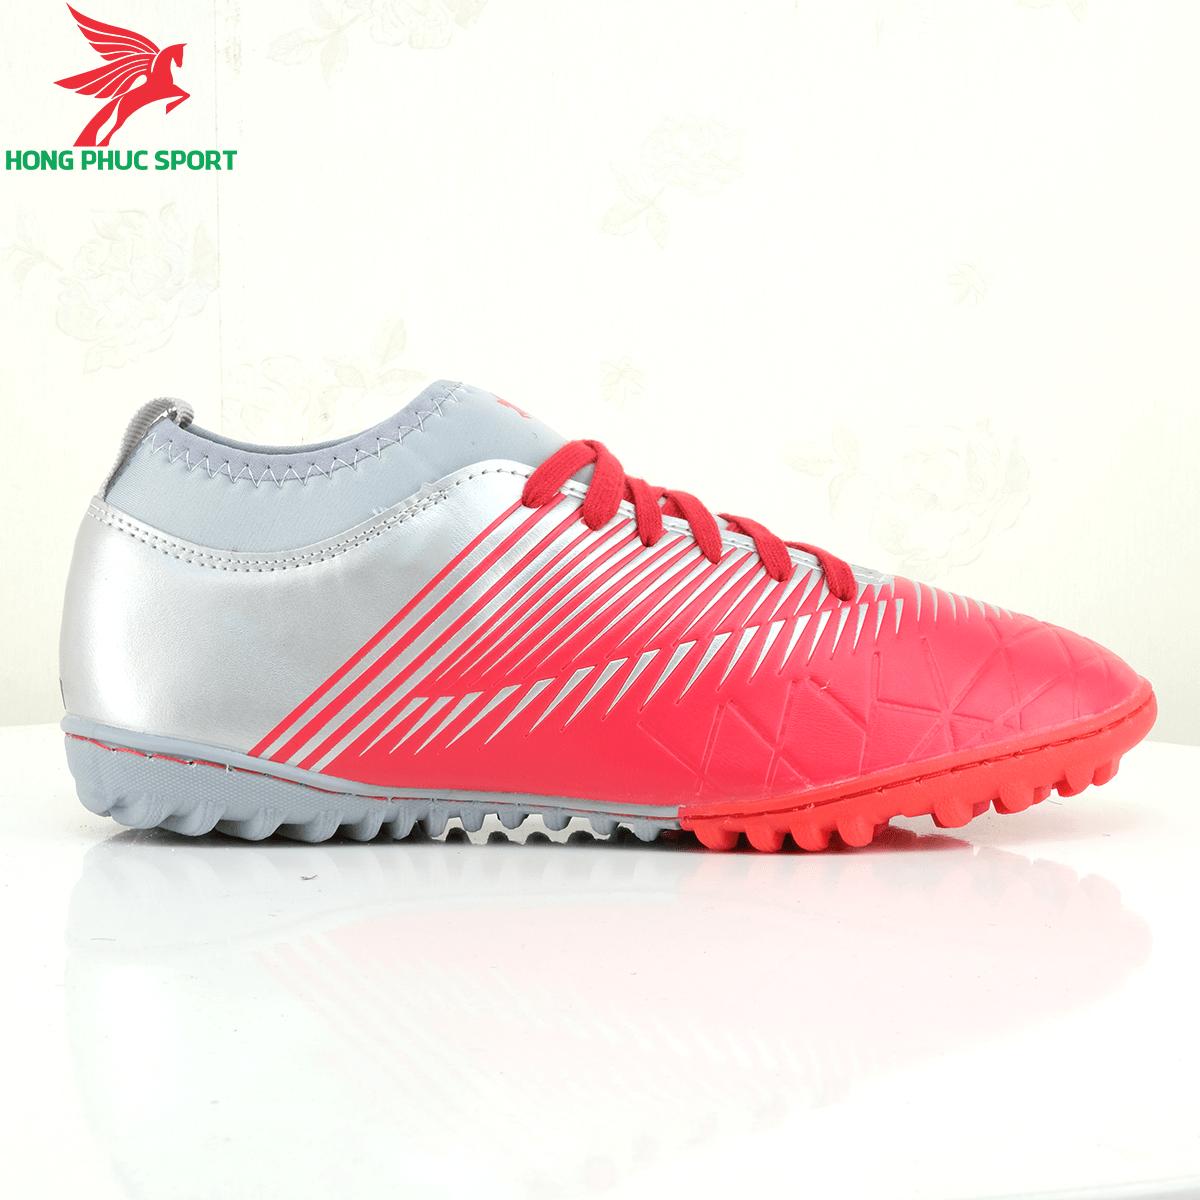 Mặt ngoài giày đá bóng Hồng Phúc Sport 20.3 tf màu đỏ